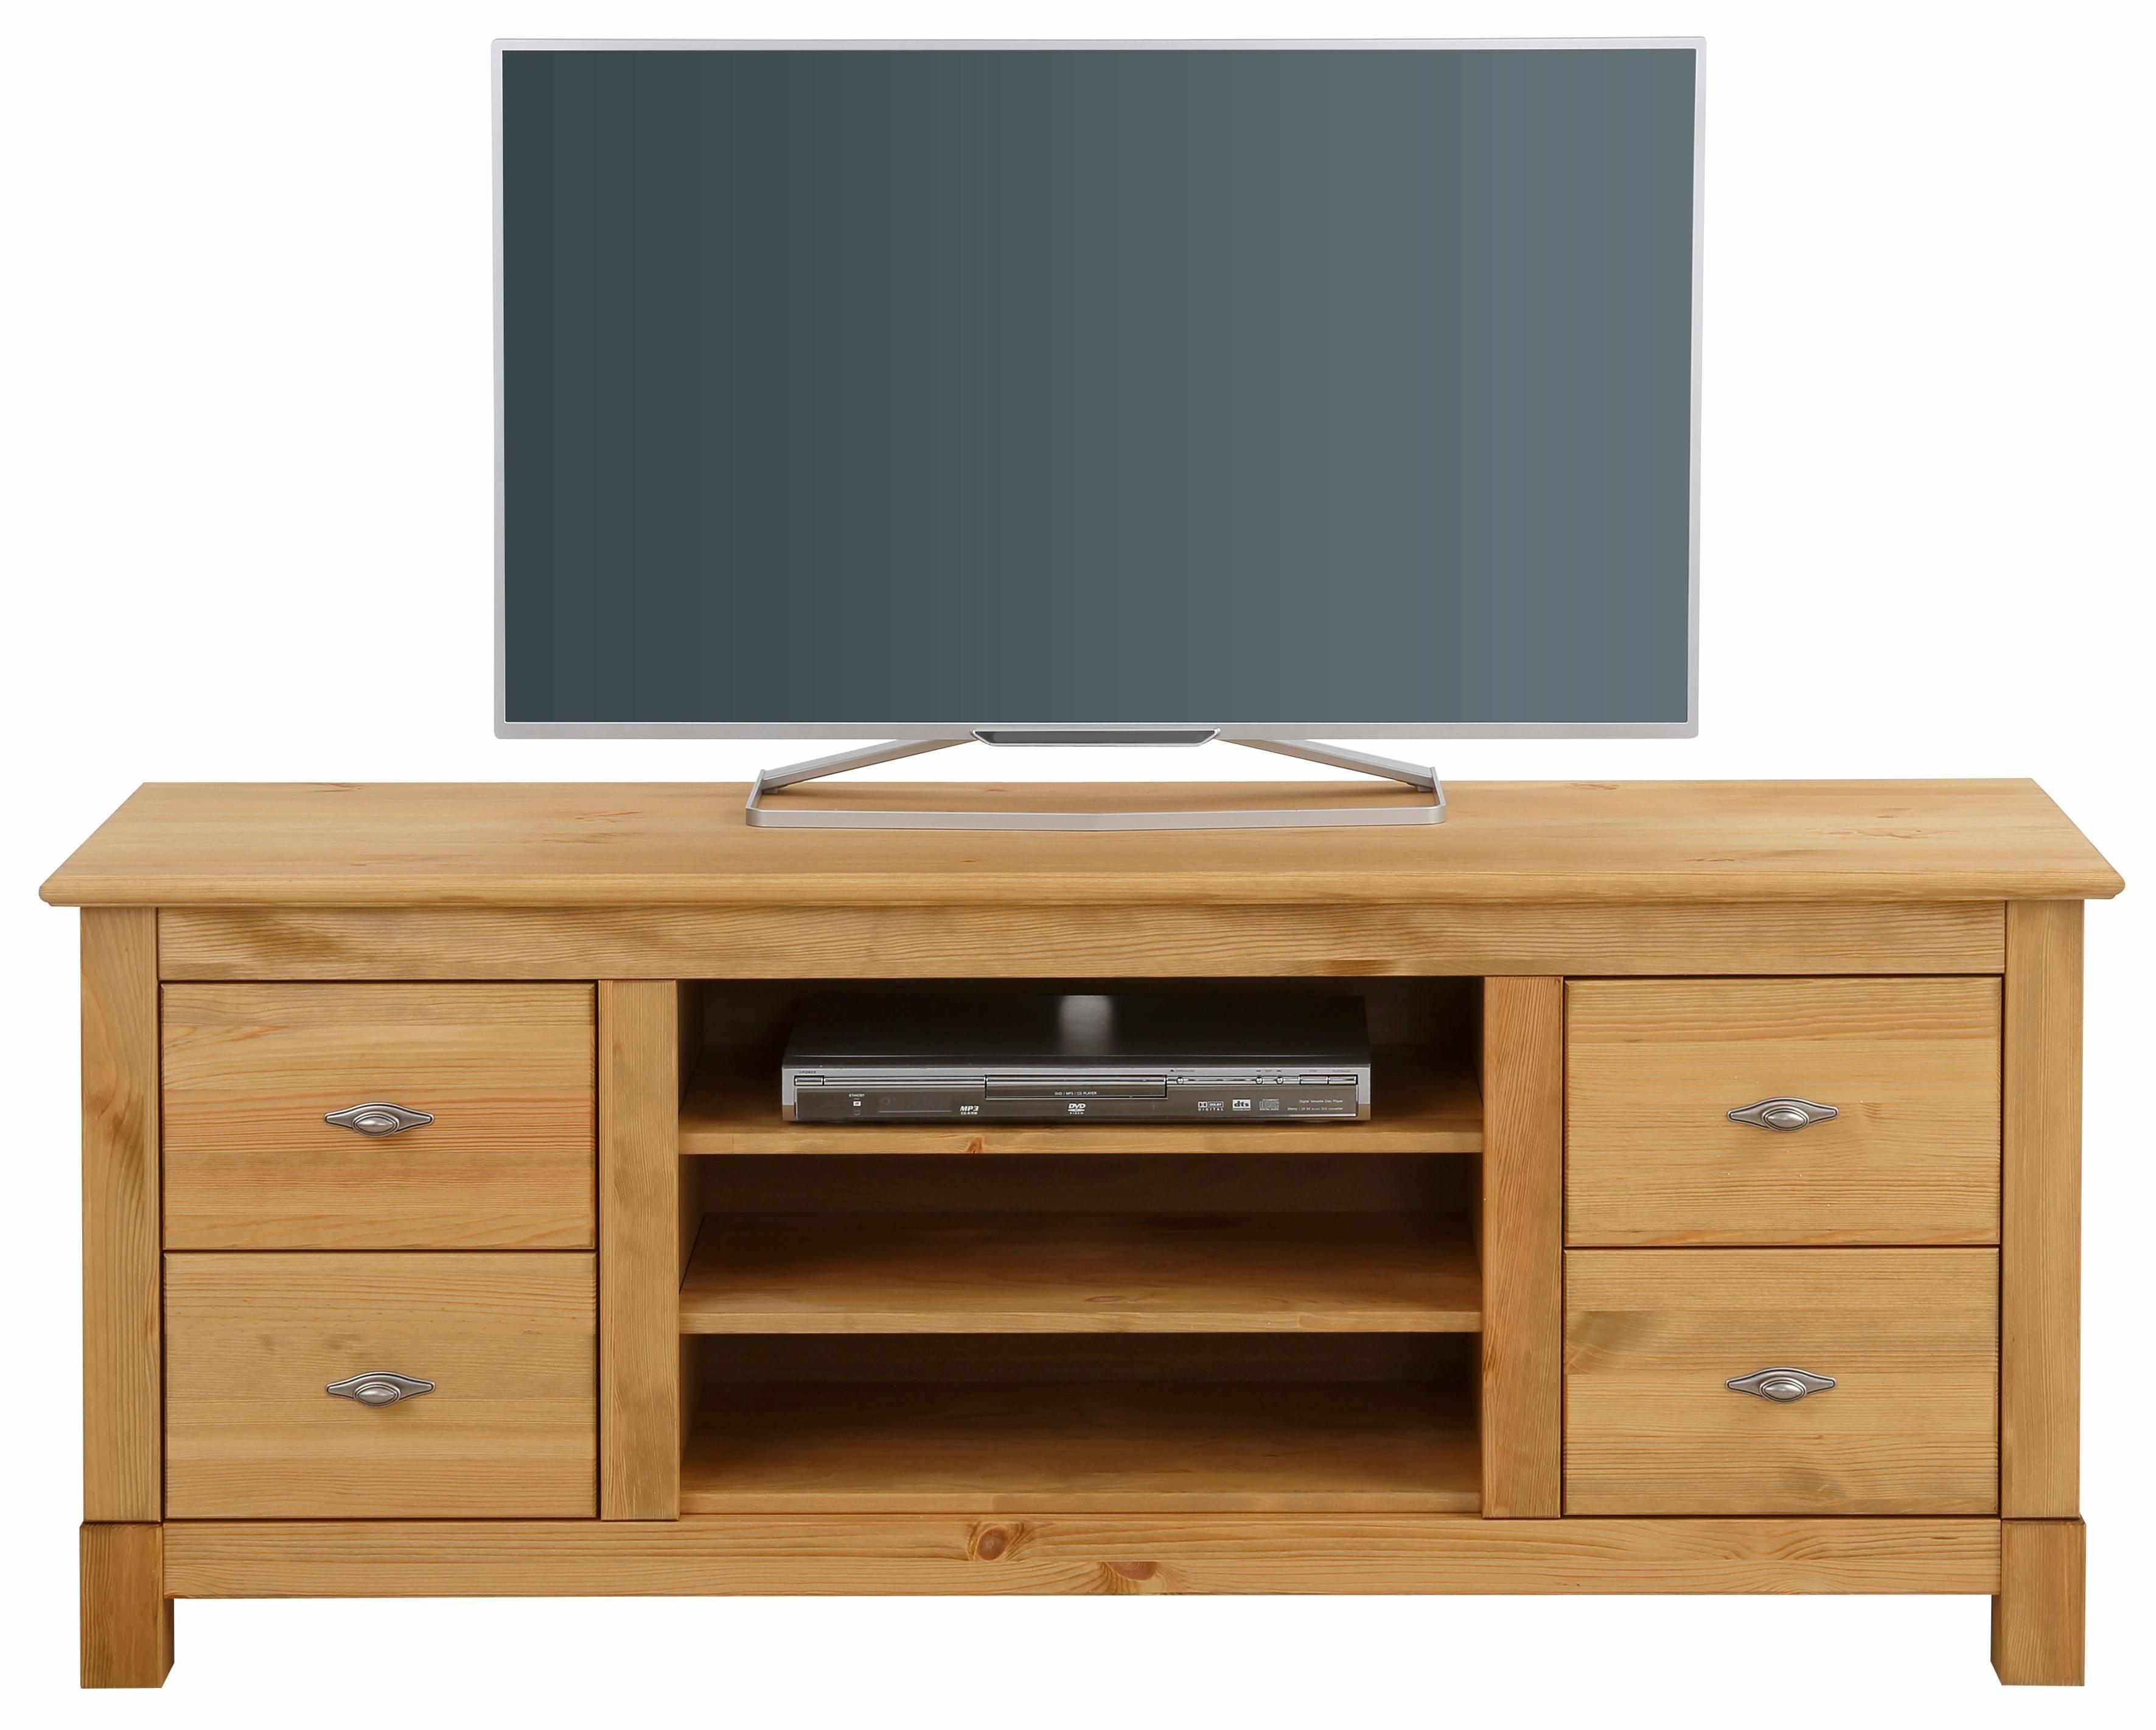 Op zoek naar een Home affaire tv-meubel Rauna Breedte 150 cm? Koop online bij OTTO